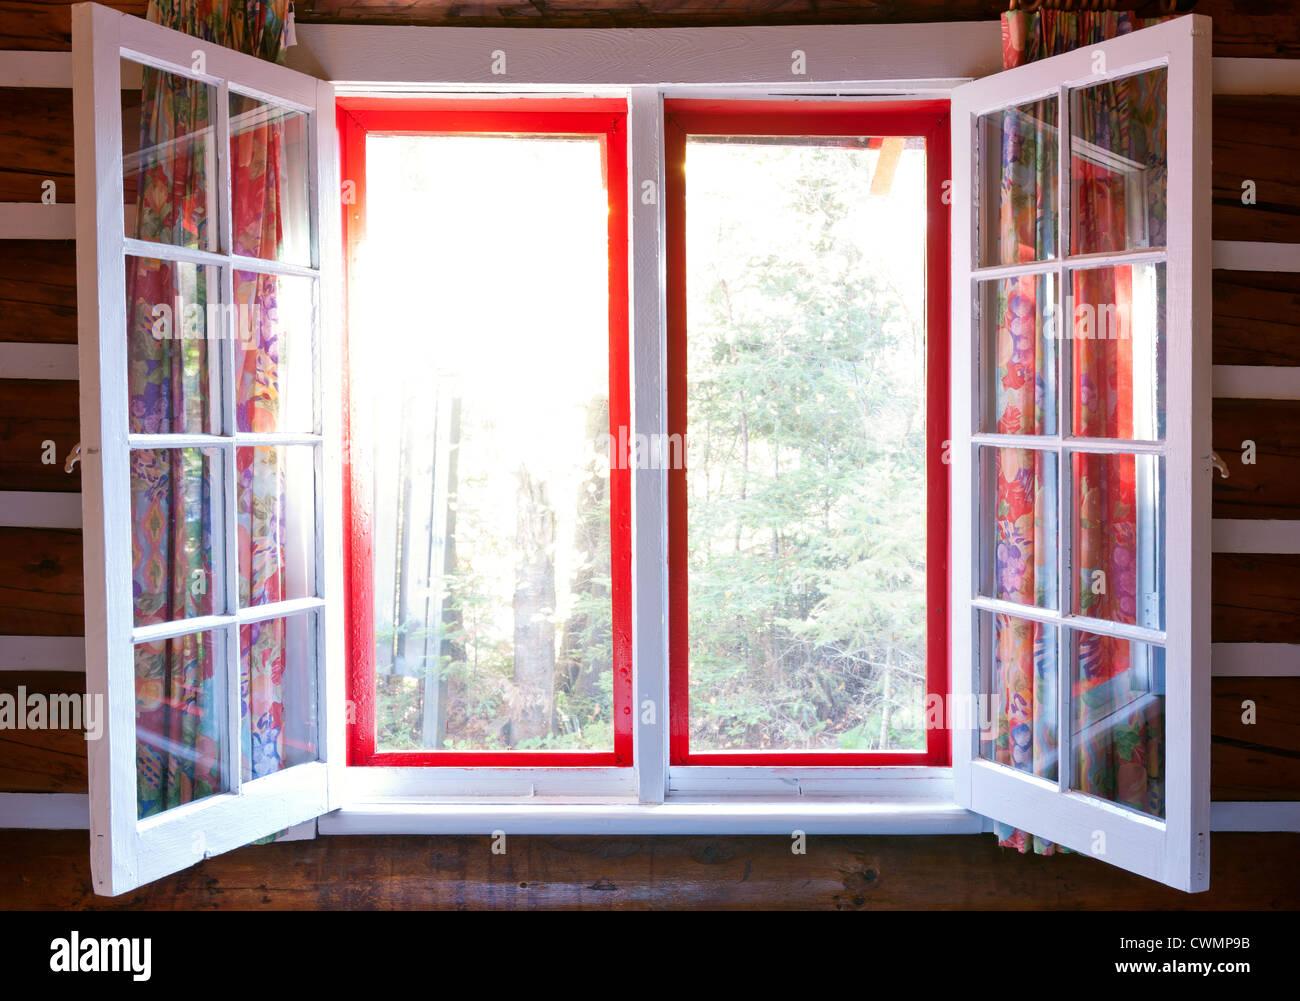 Aprire windows in cottage con sole e vista della foresta Immagini Stock